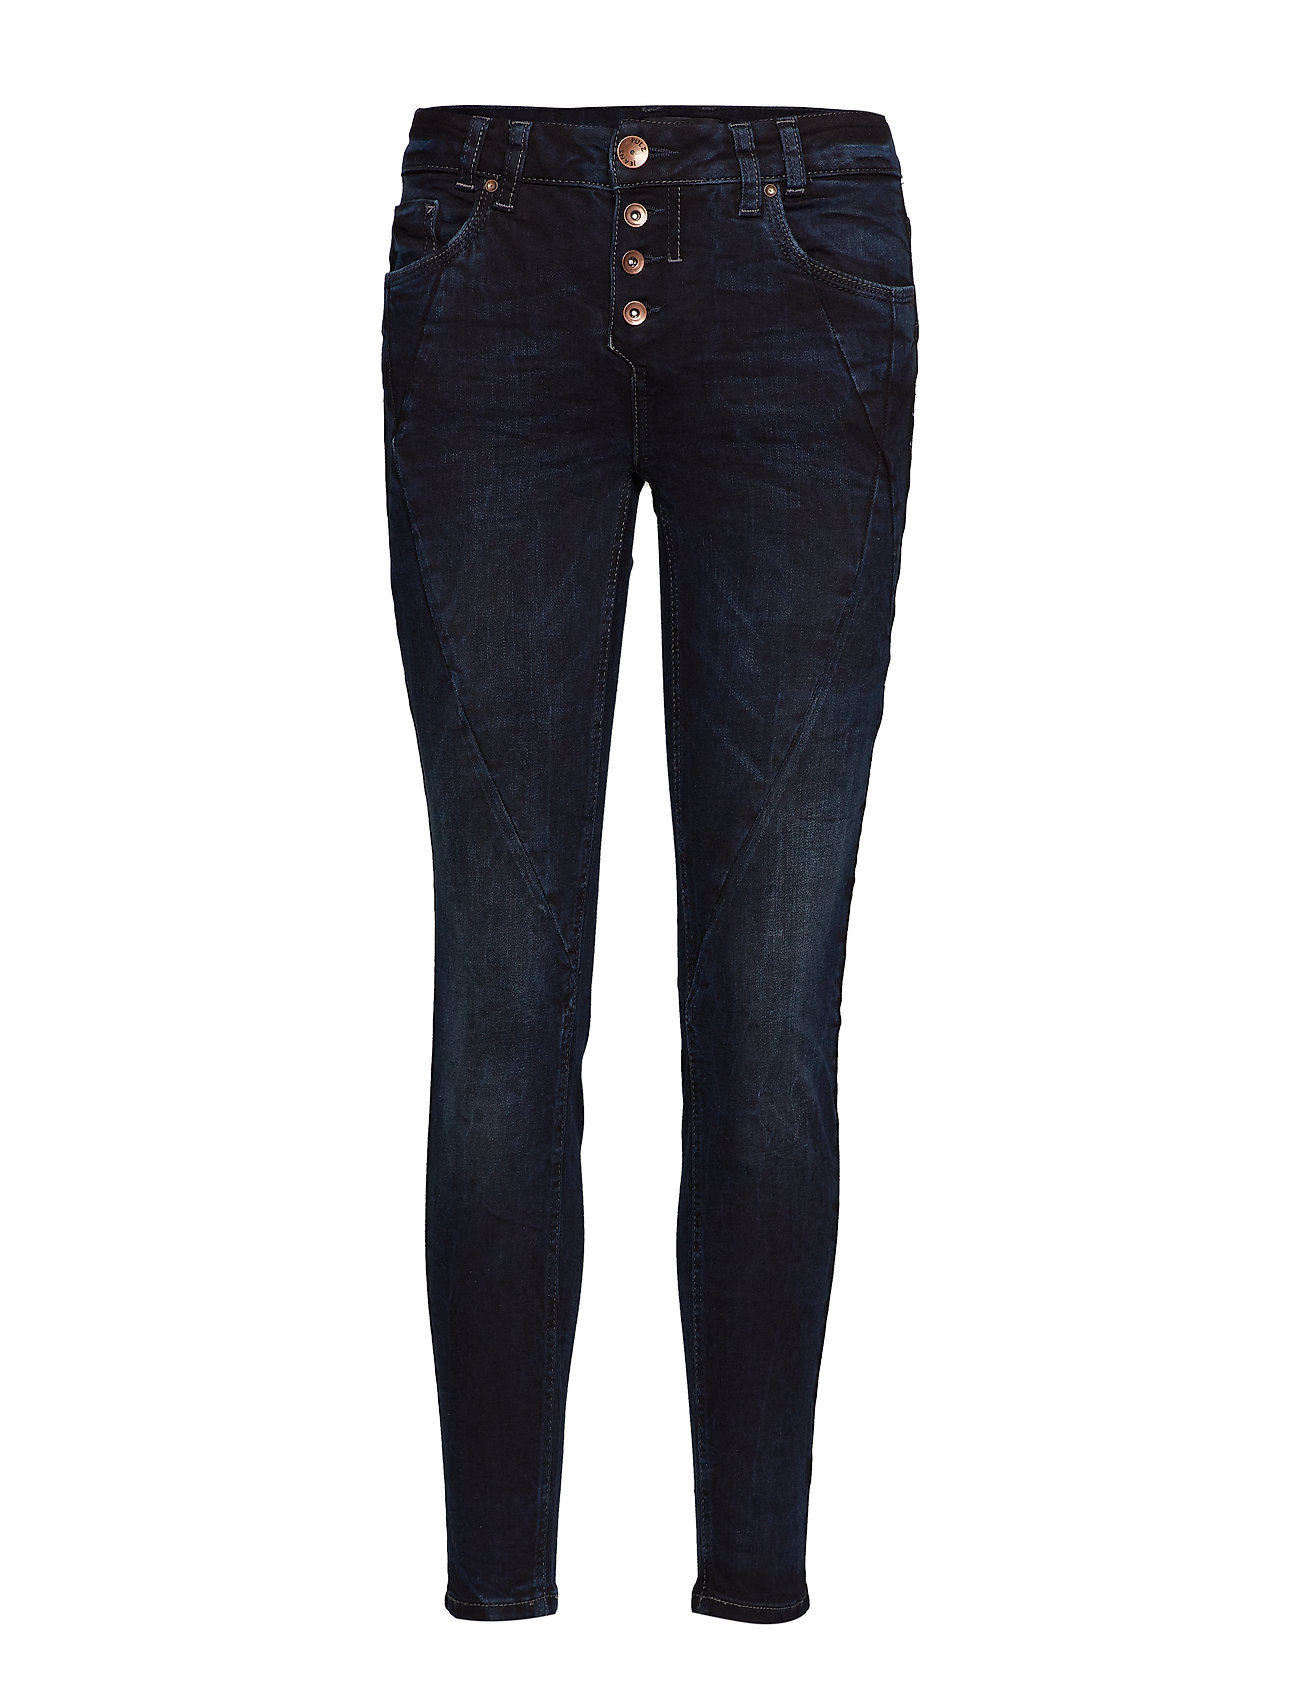 Pulz Jeans Rosita Reg. Waist Ankle - DARK BLUE DENIM